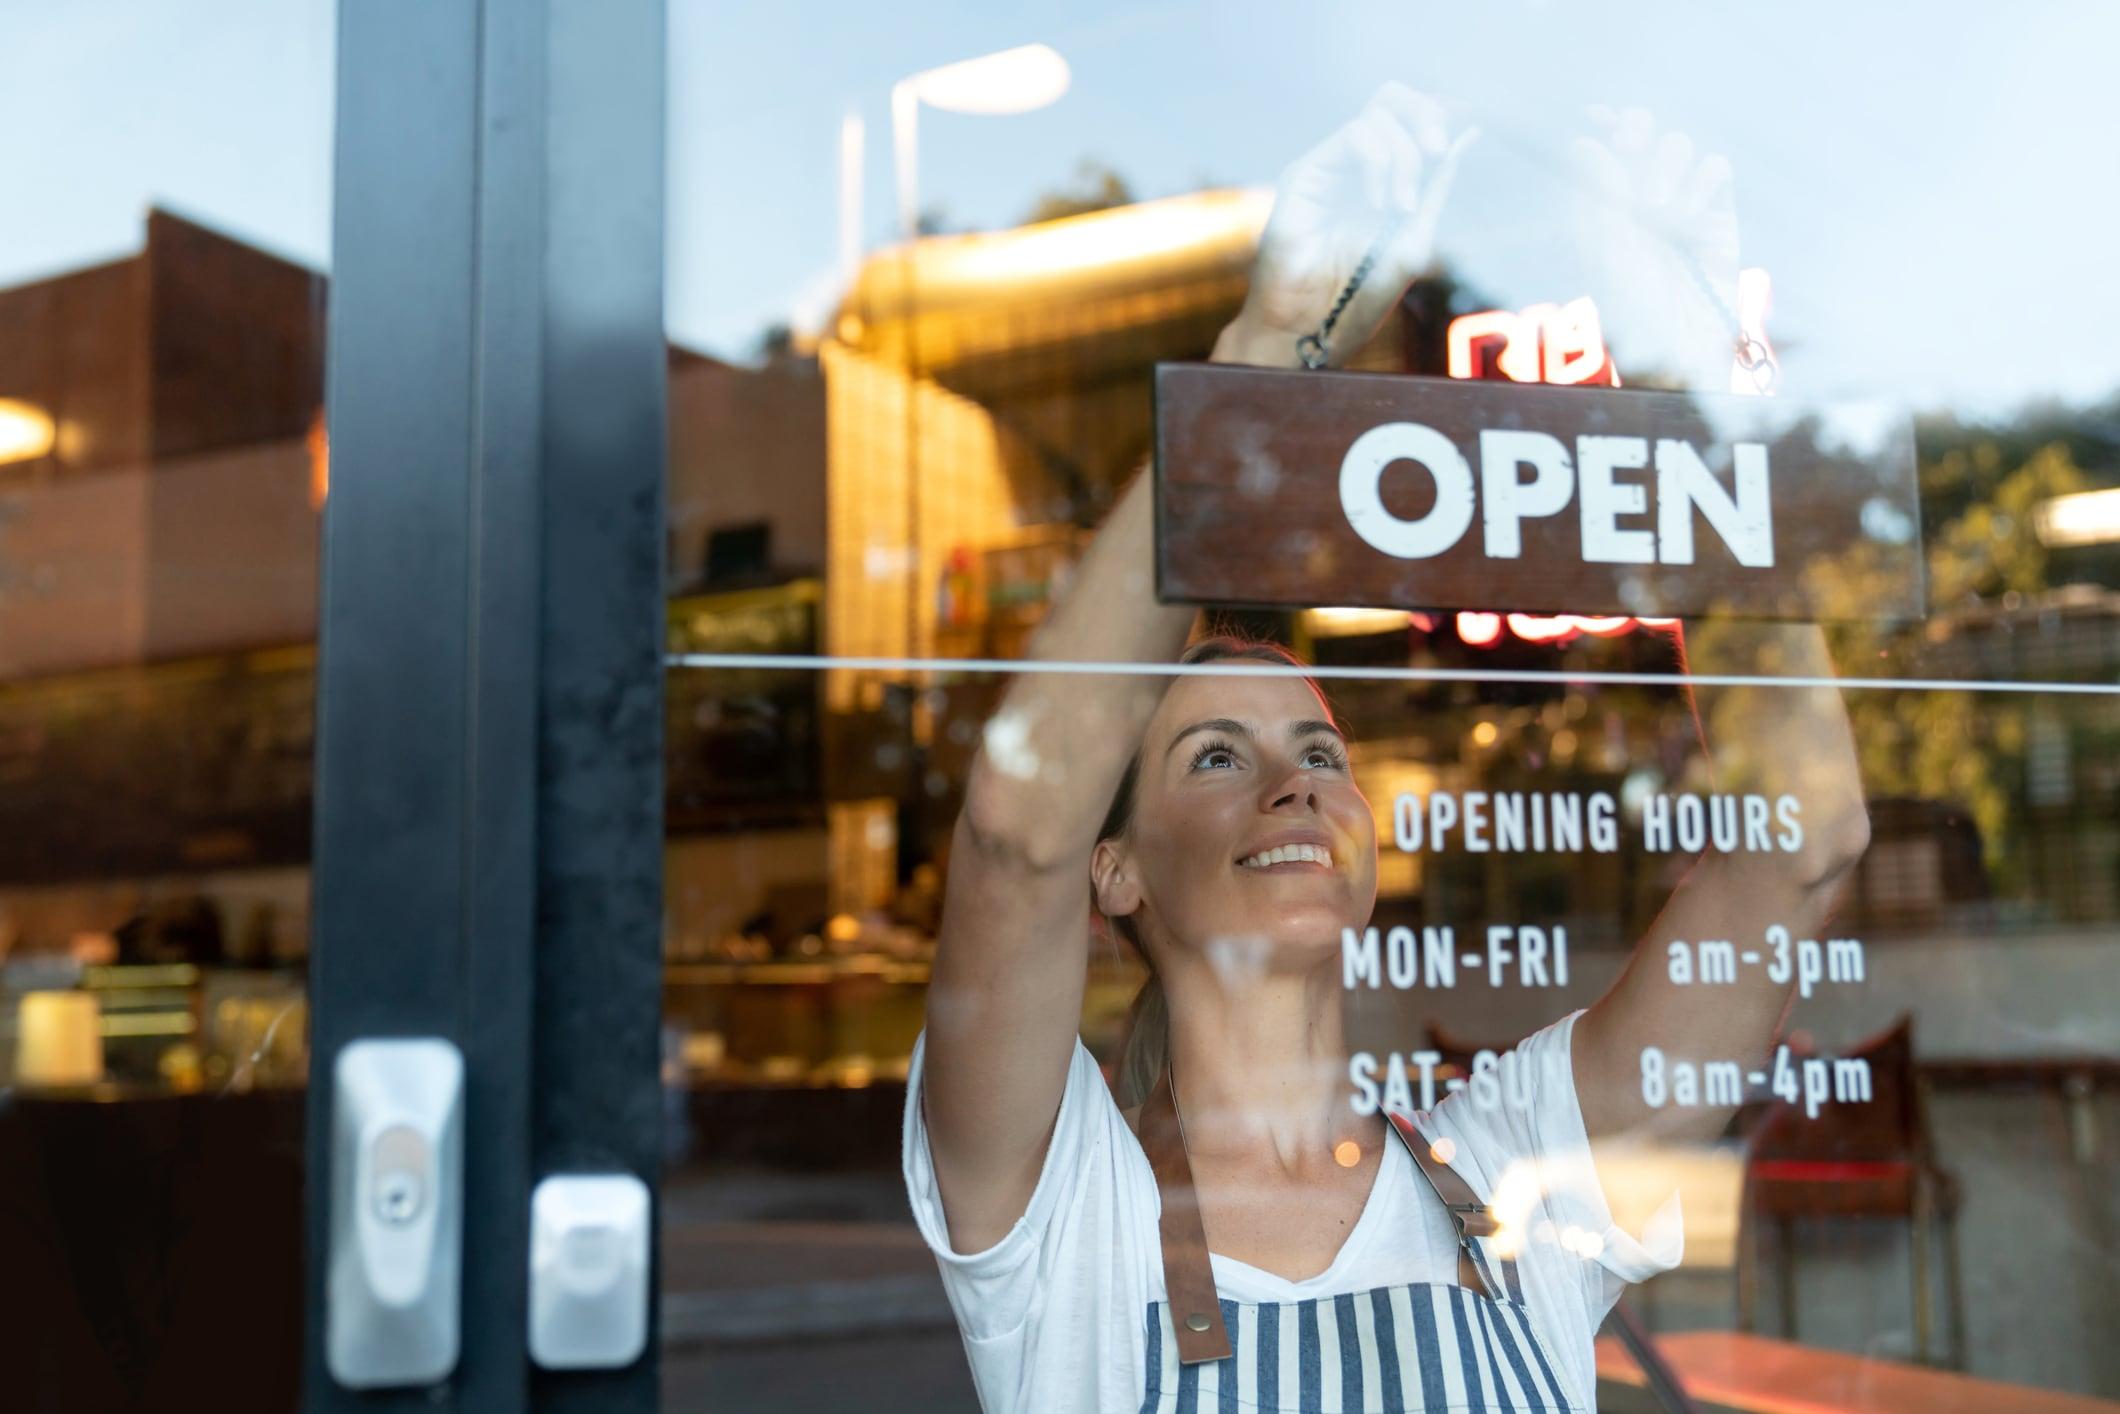 Women handing Open sign in window